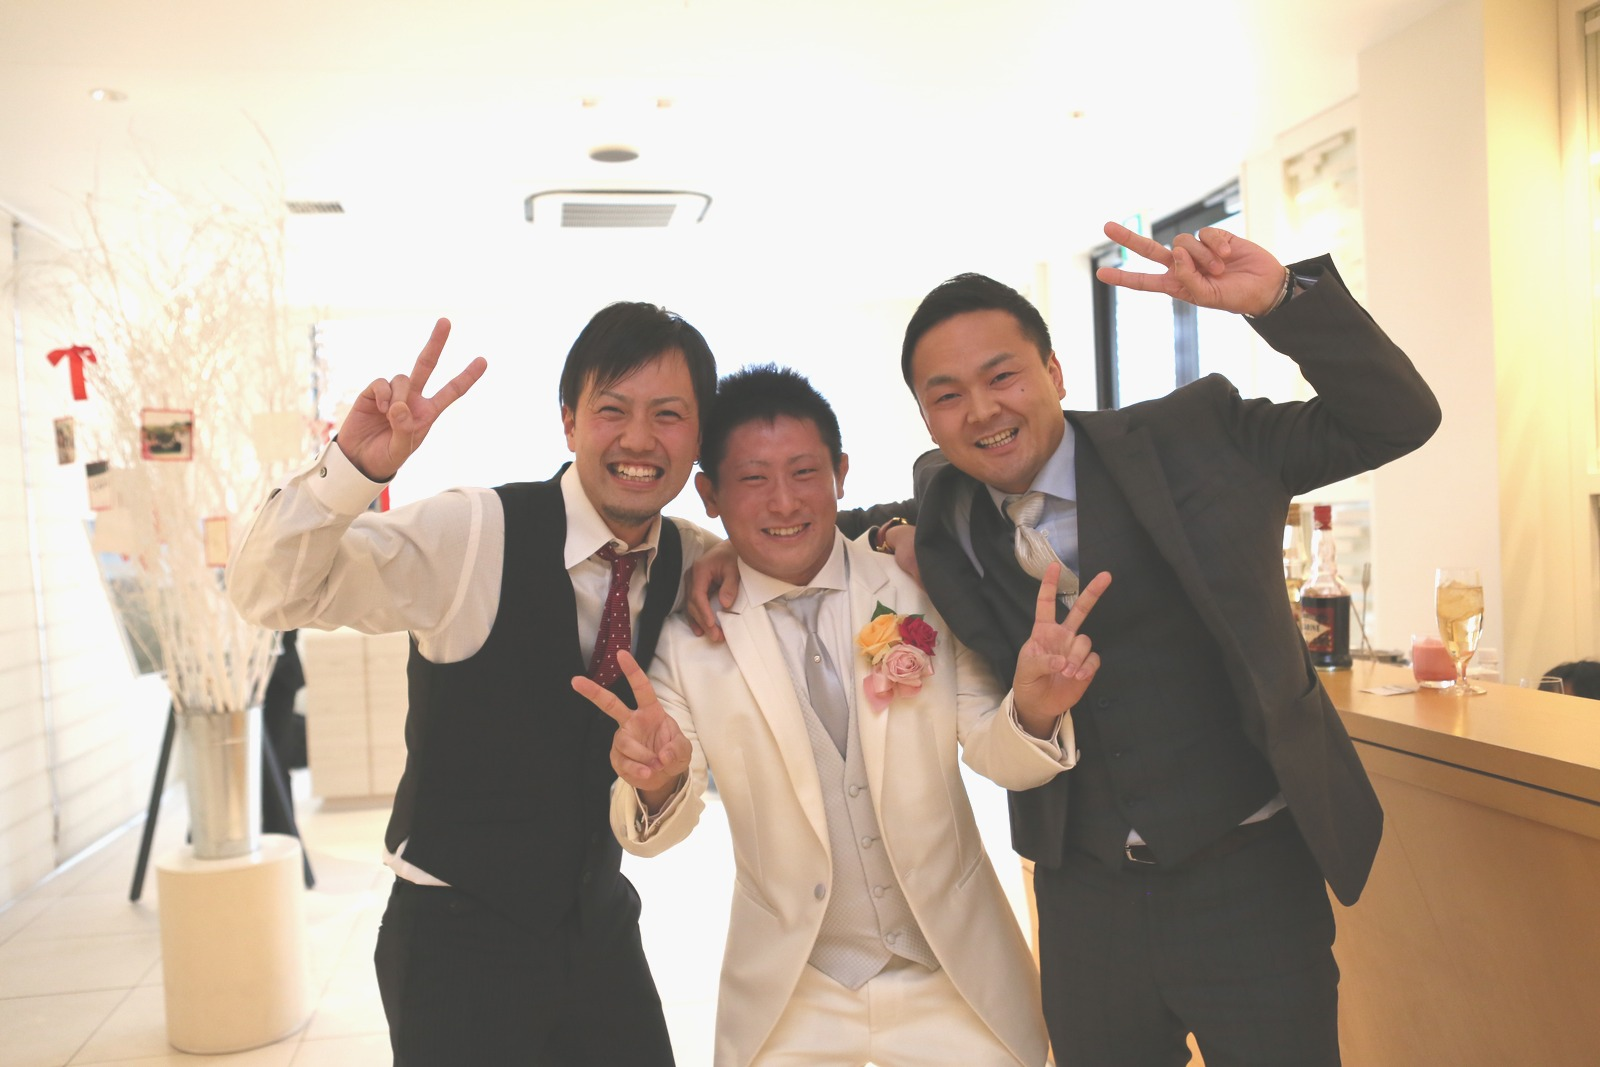 高松市の結婚式場アイルバレクラブで中学時代の友人と新郎のショット